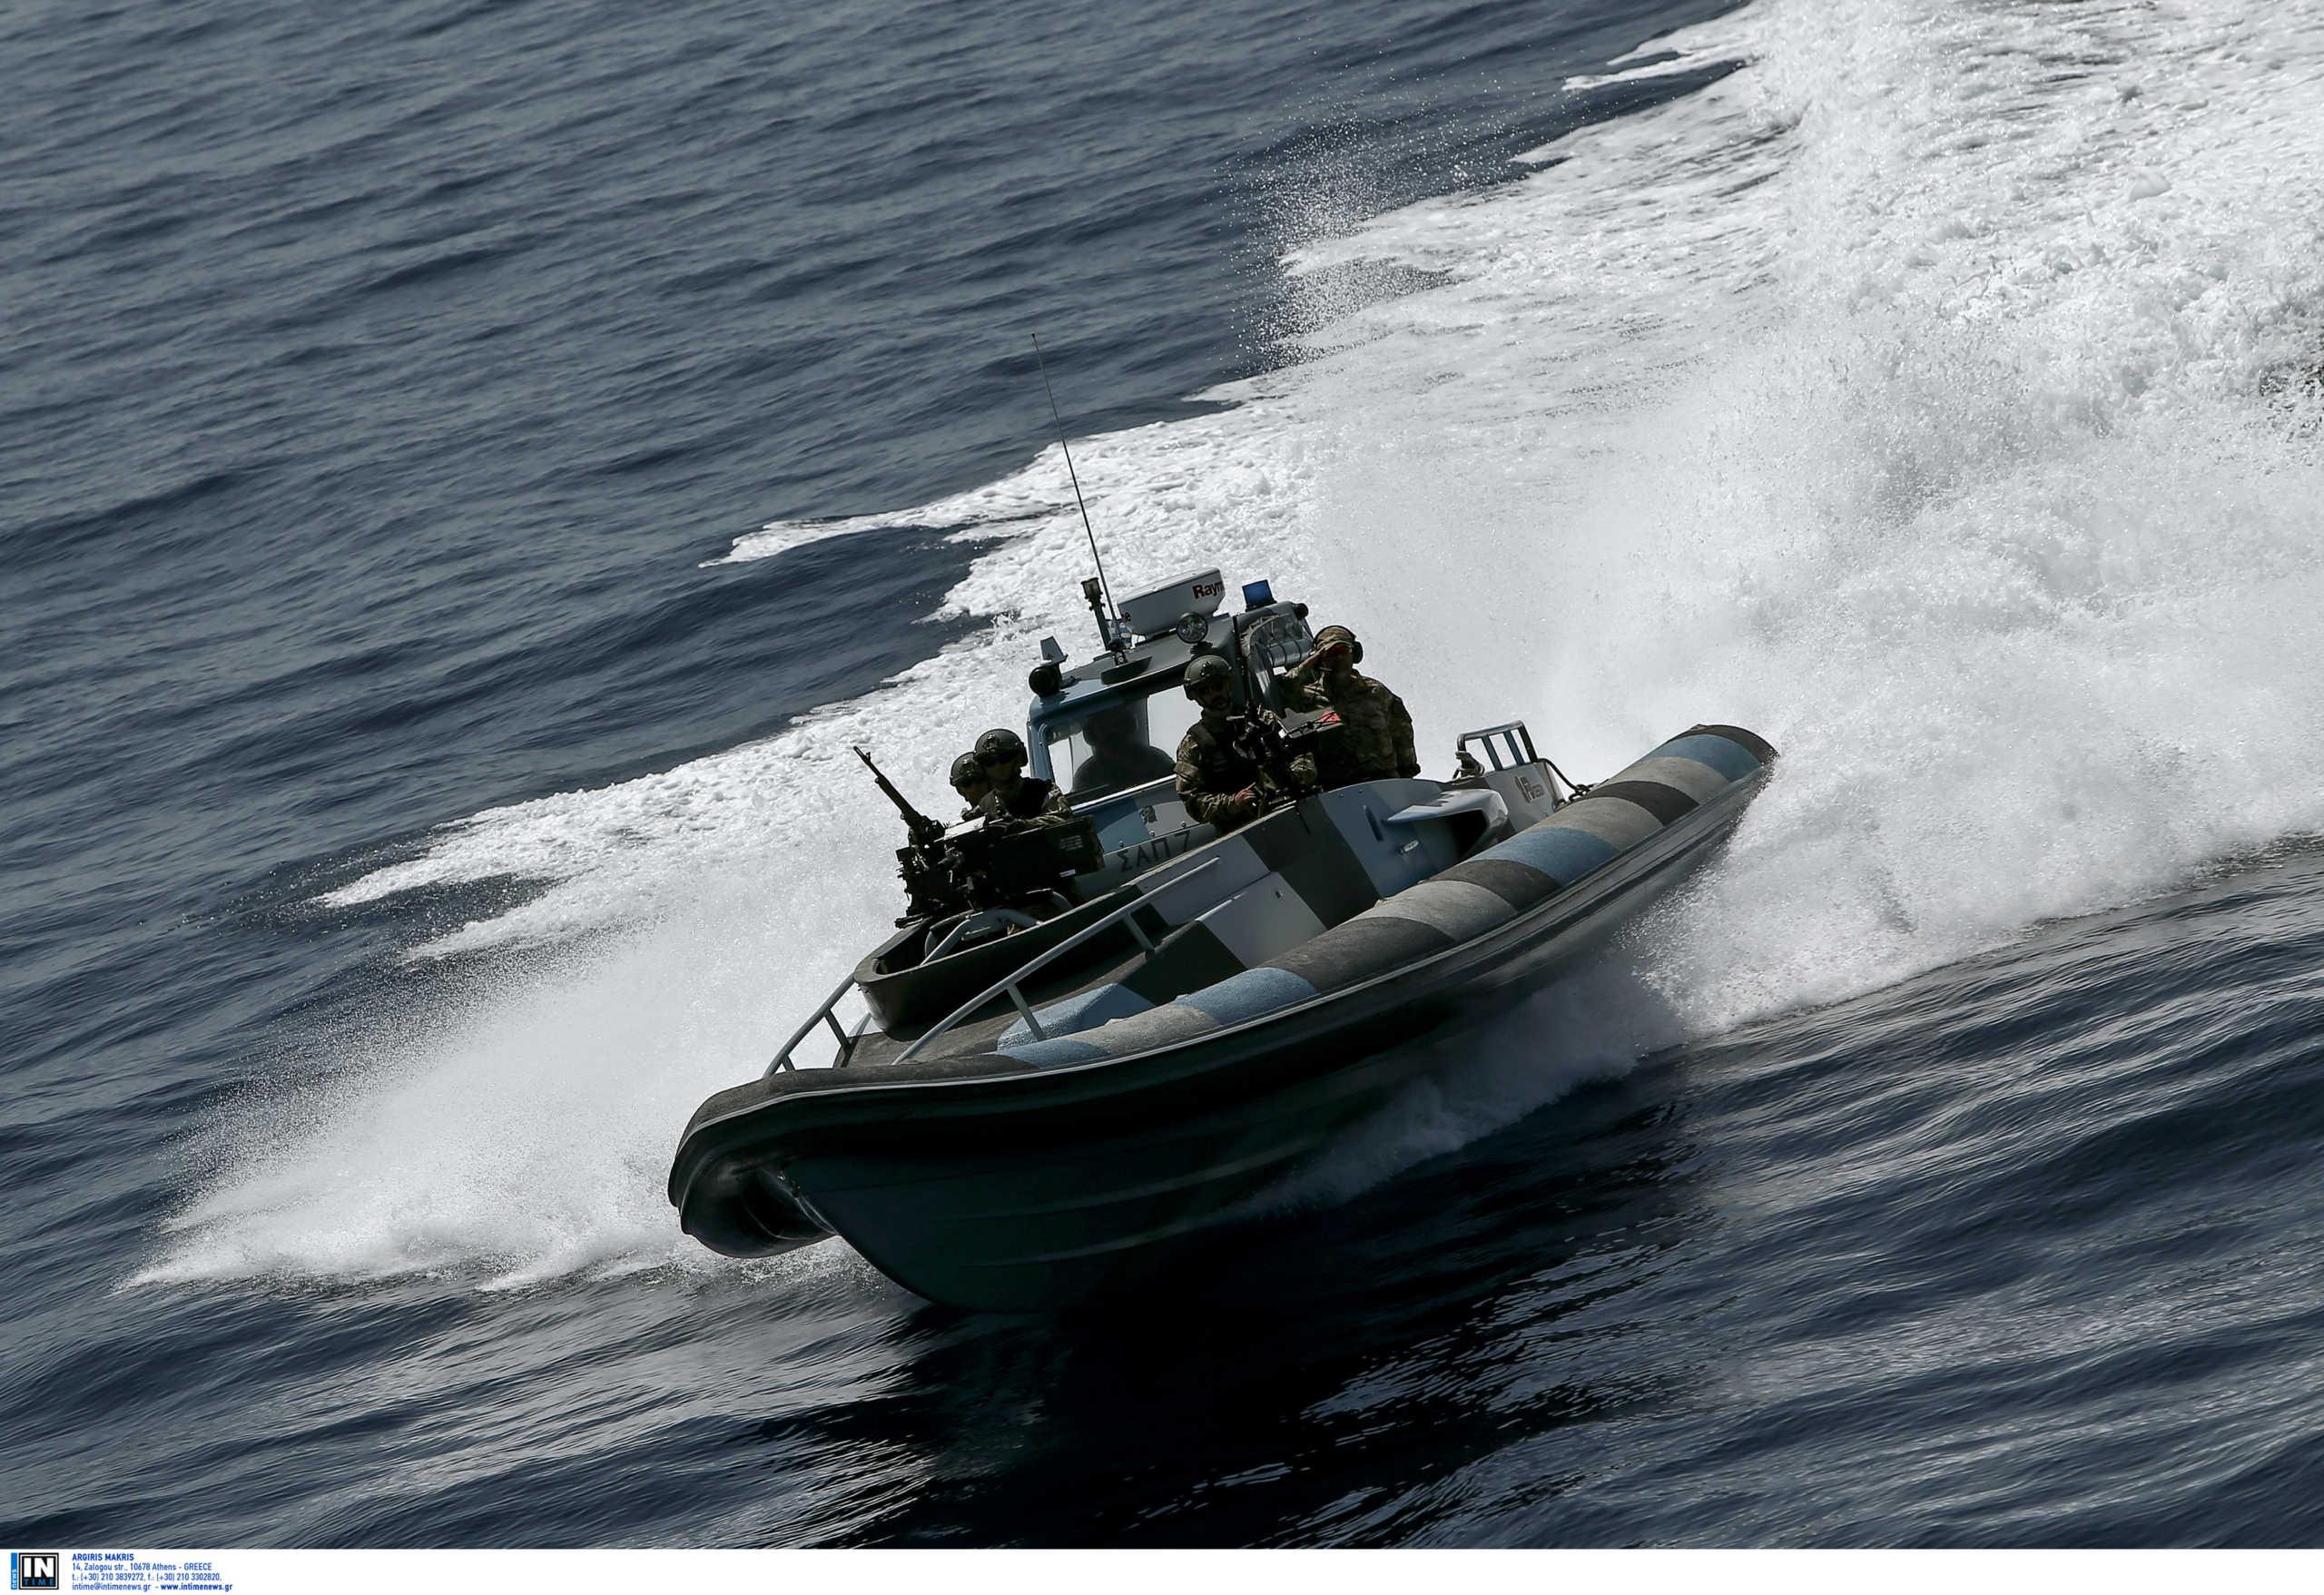 Φθιώτιδα: Η μαρτυρία του ψαρά φέρνει άντρες της Μονάδας Υποβρυχίων Καταστροφών στα Καμένα Βούρλα!